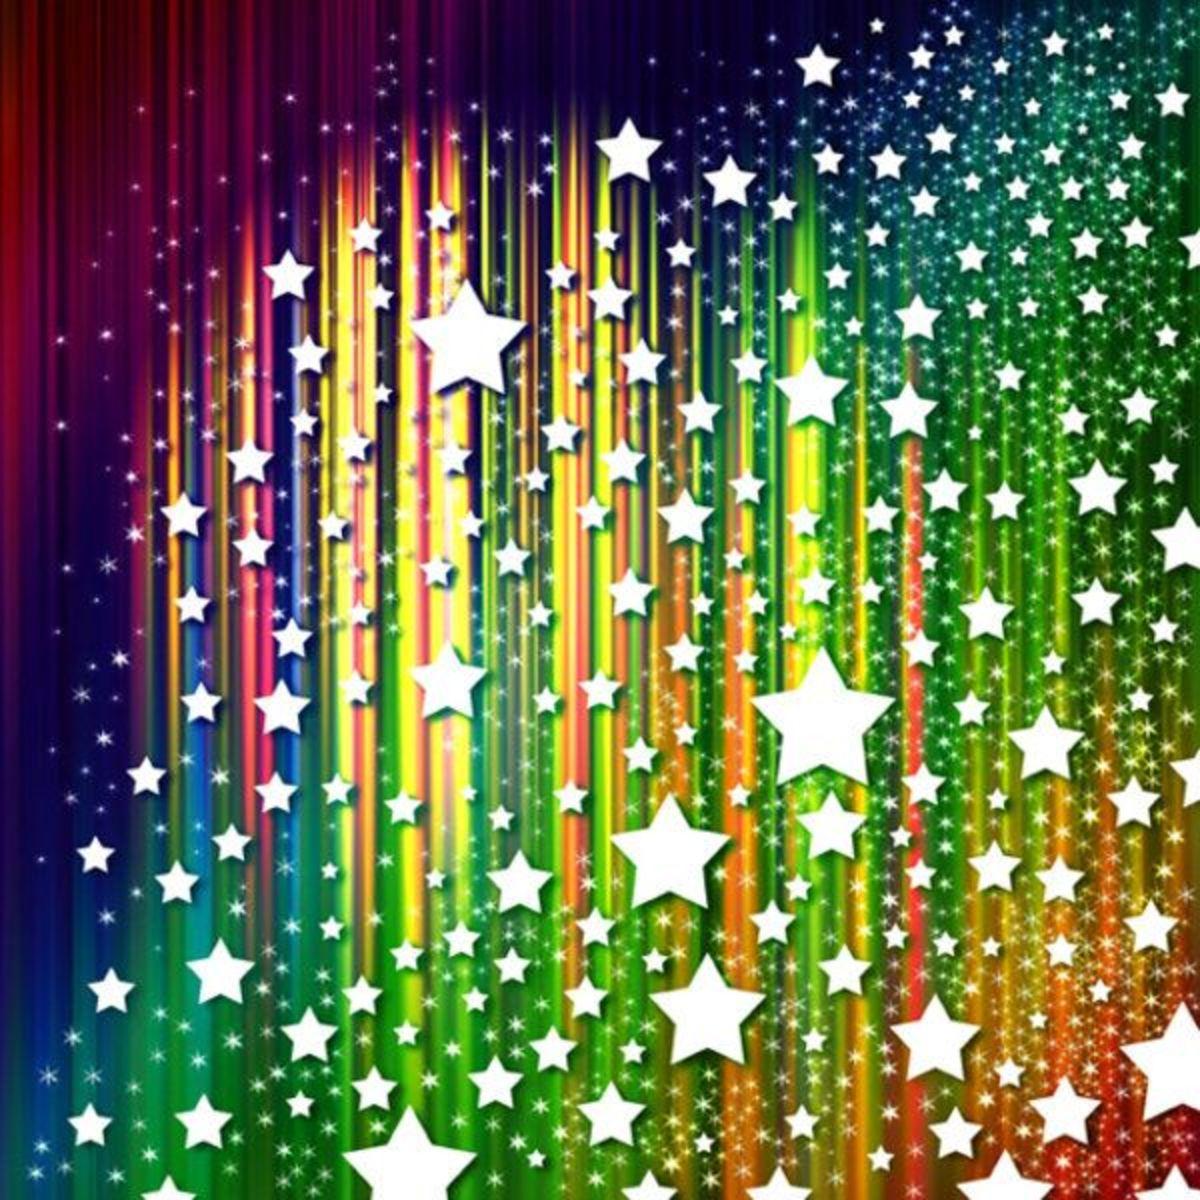 Spot Light Stars via freeimages.com